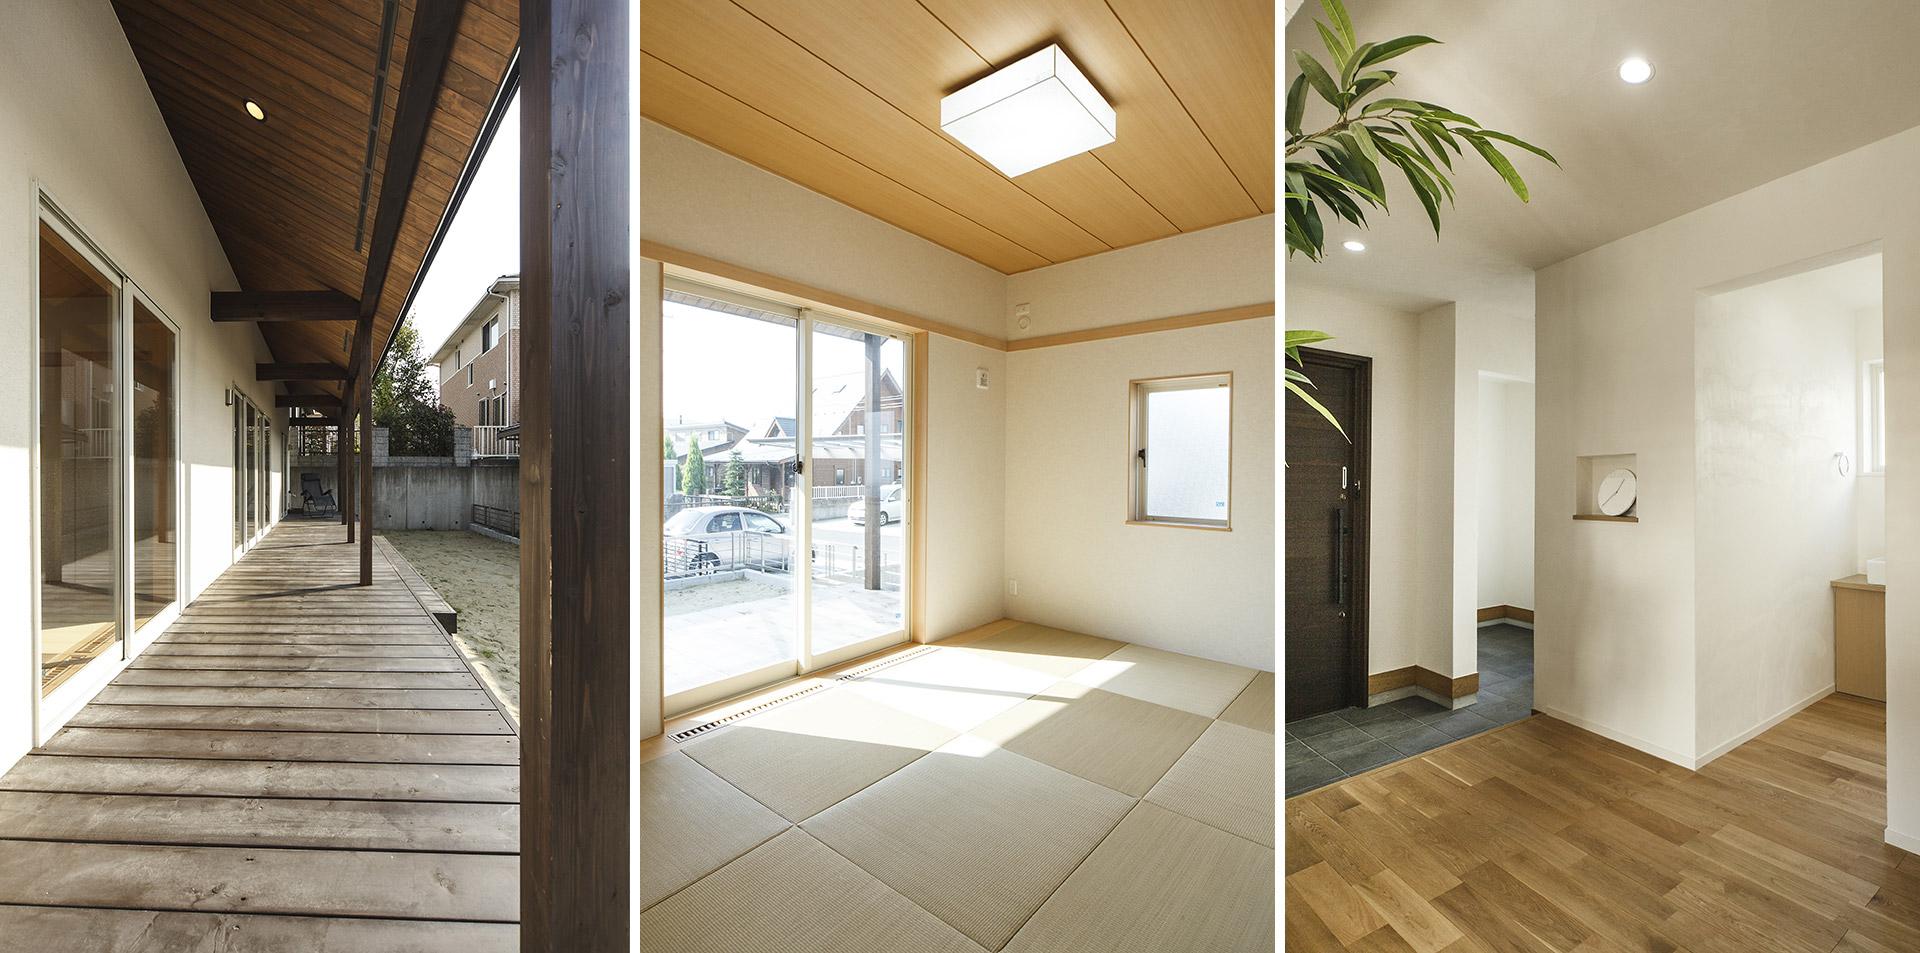 新築事例04 4D 仙台